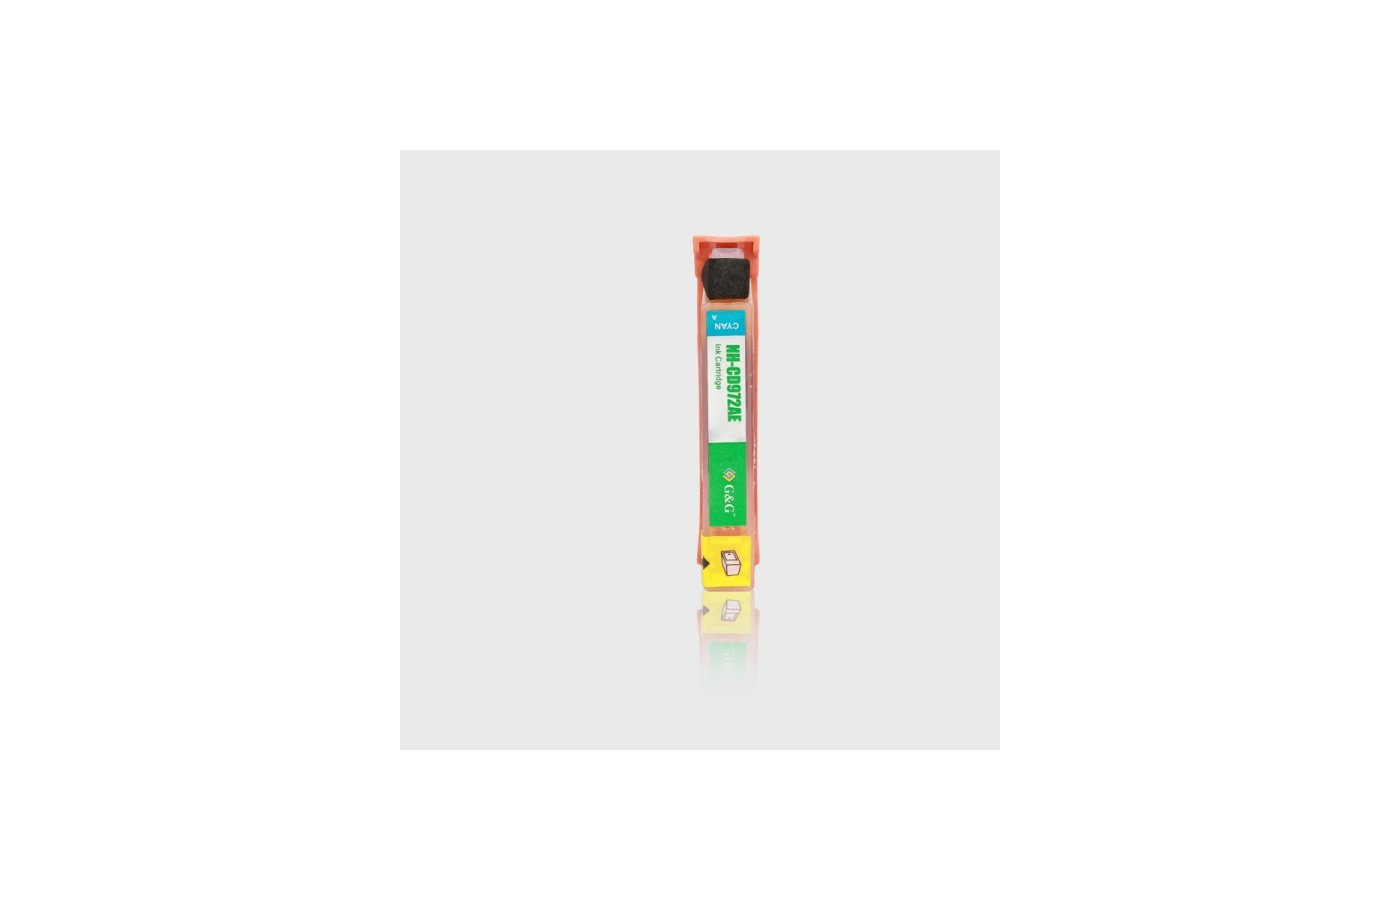 Картридж струйный GG NH-CD972AE Совместимый струйный голубой920XL для НР Officejet Pro 6000/6500/6500A/7000/7500A